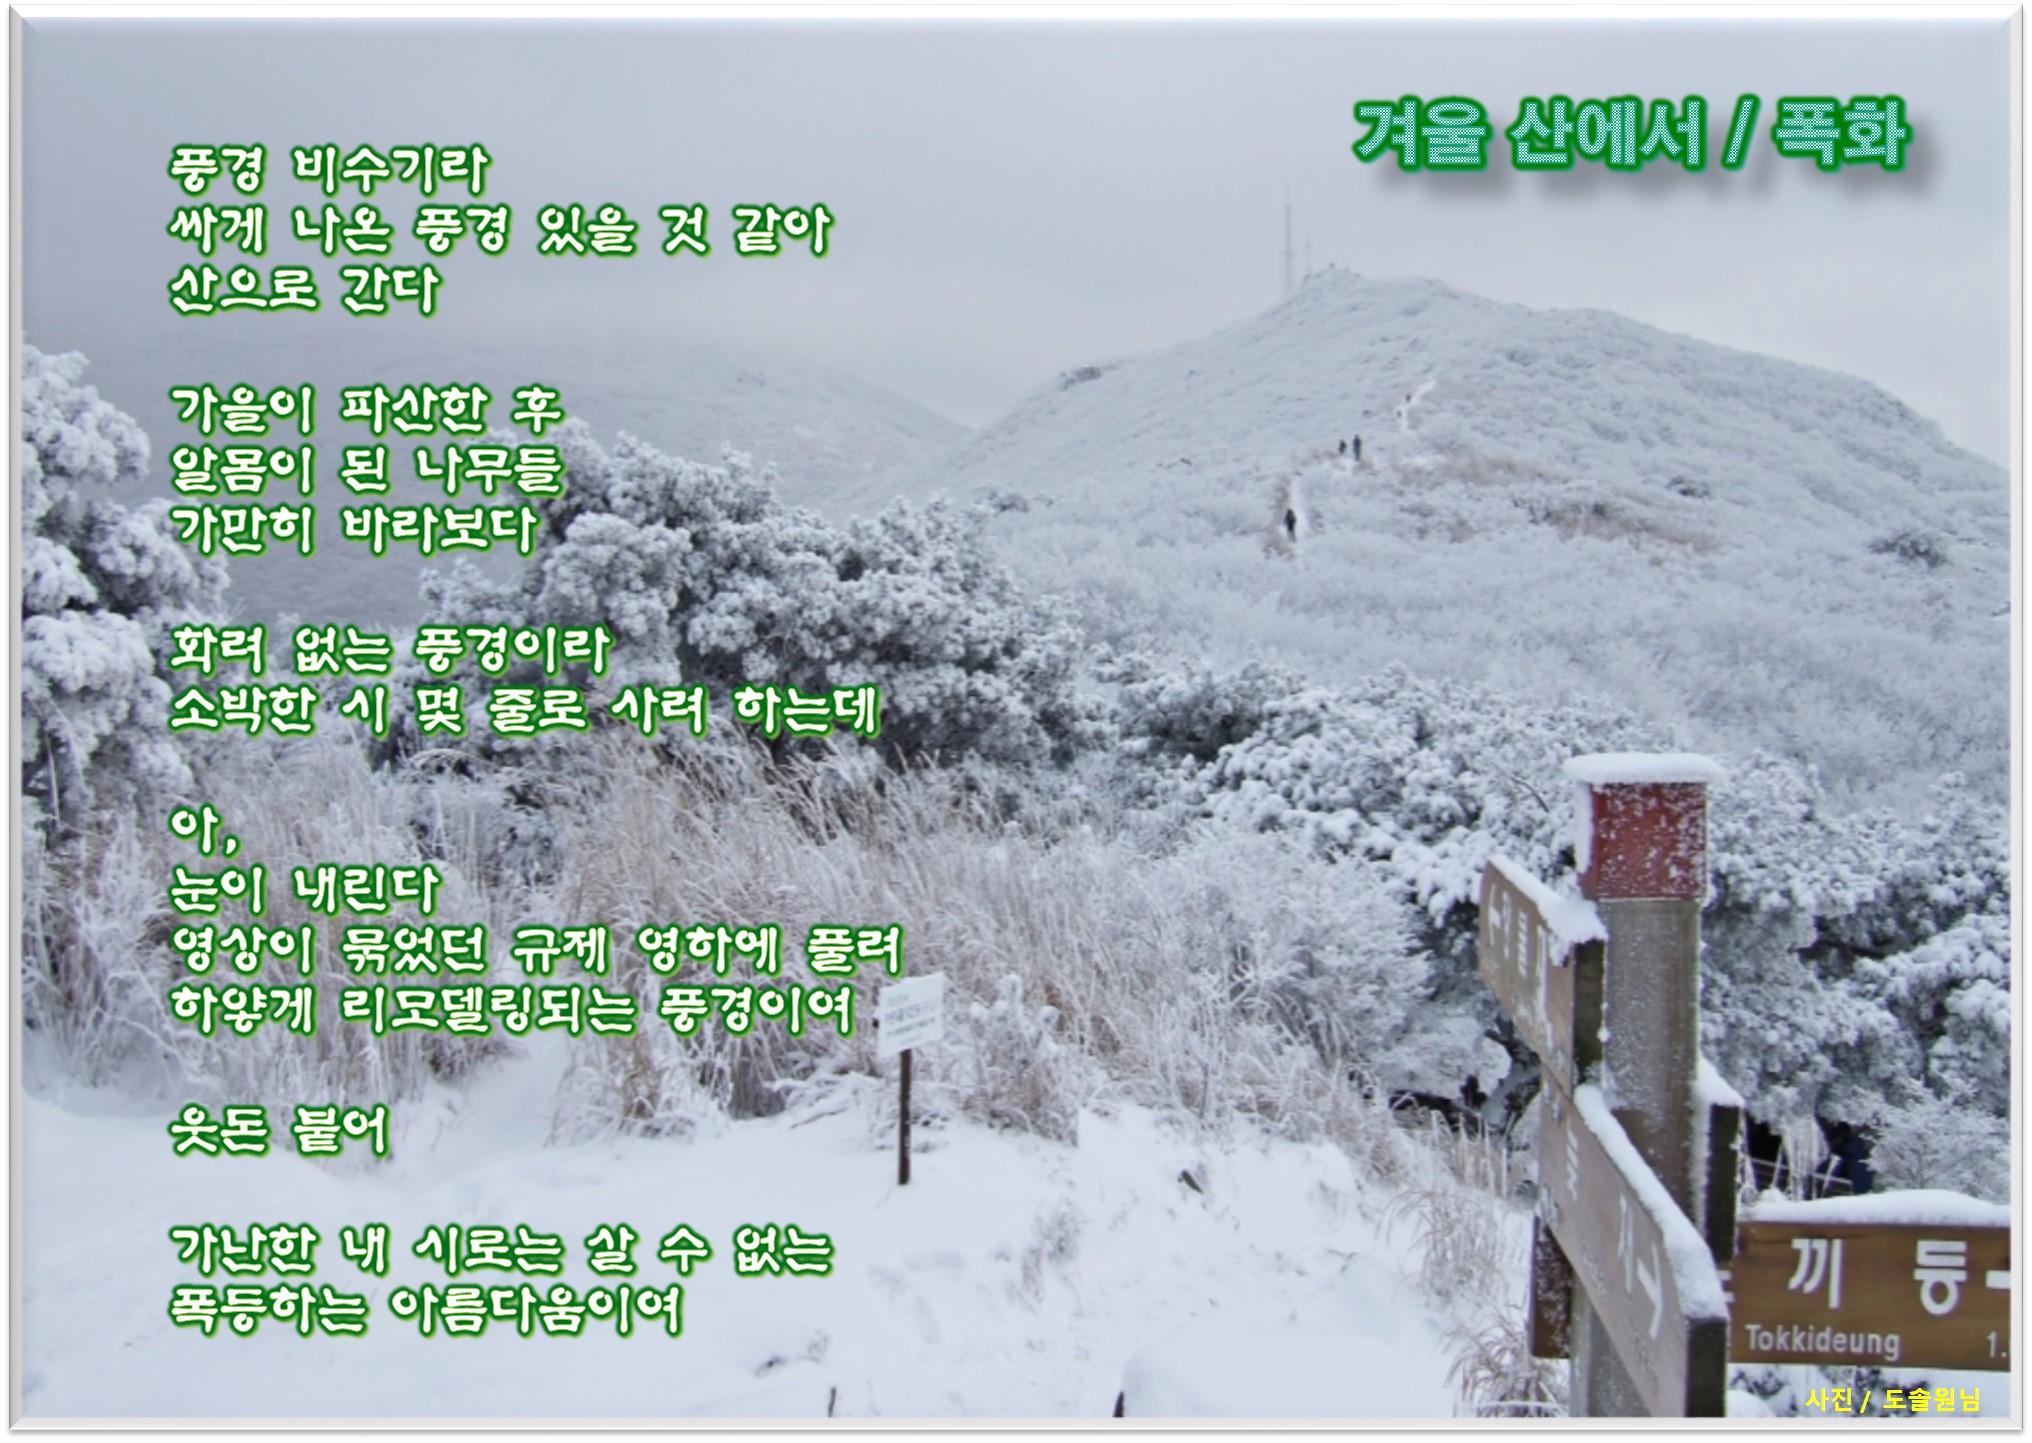 이 글은 파워포인트에서 만든 이미지입니다  겨울 산에서 / 폭화